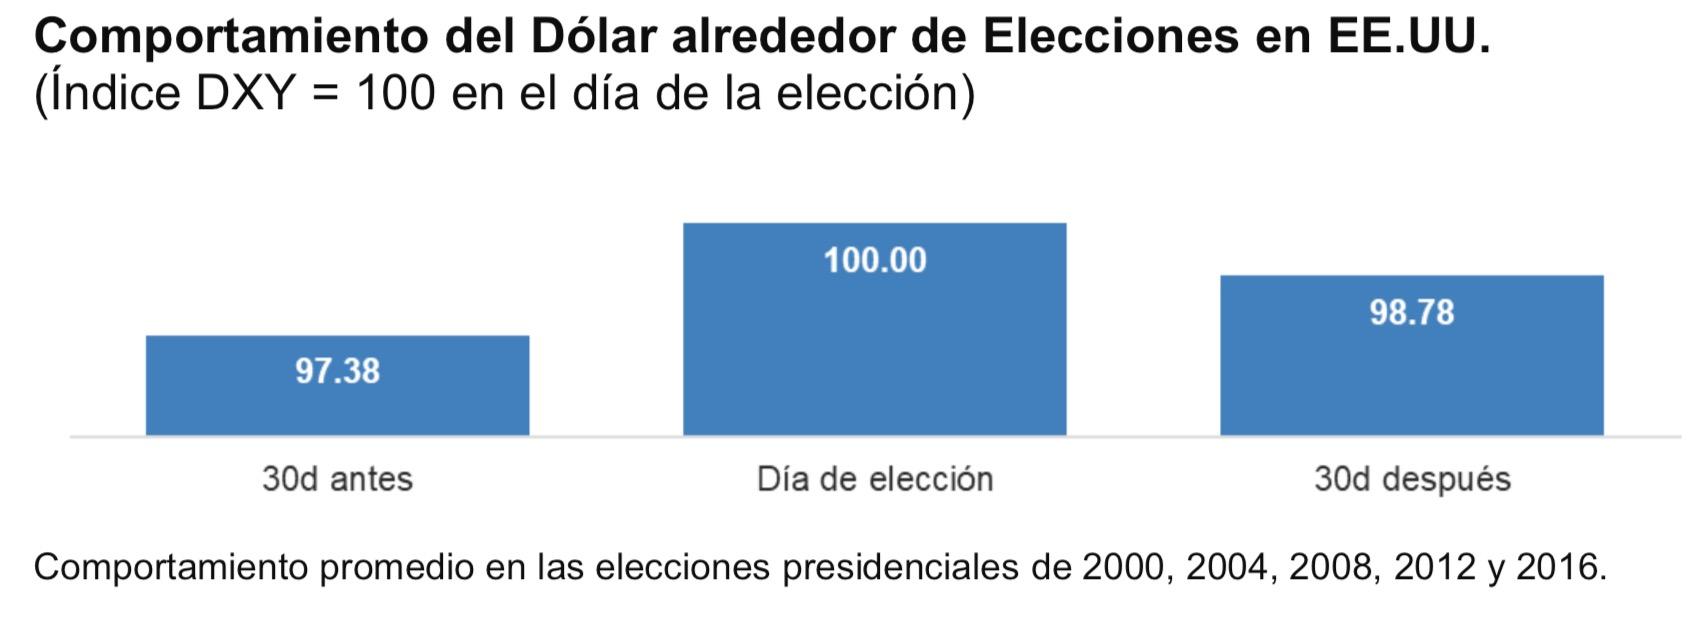 Comportamiento dólar elecciones EEUU